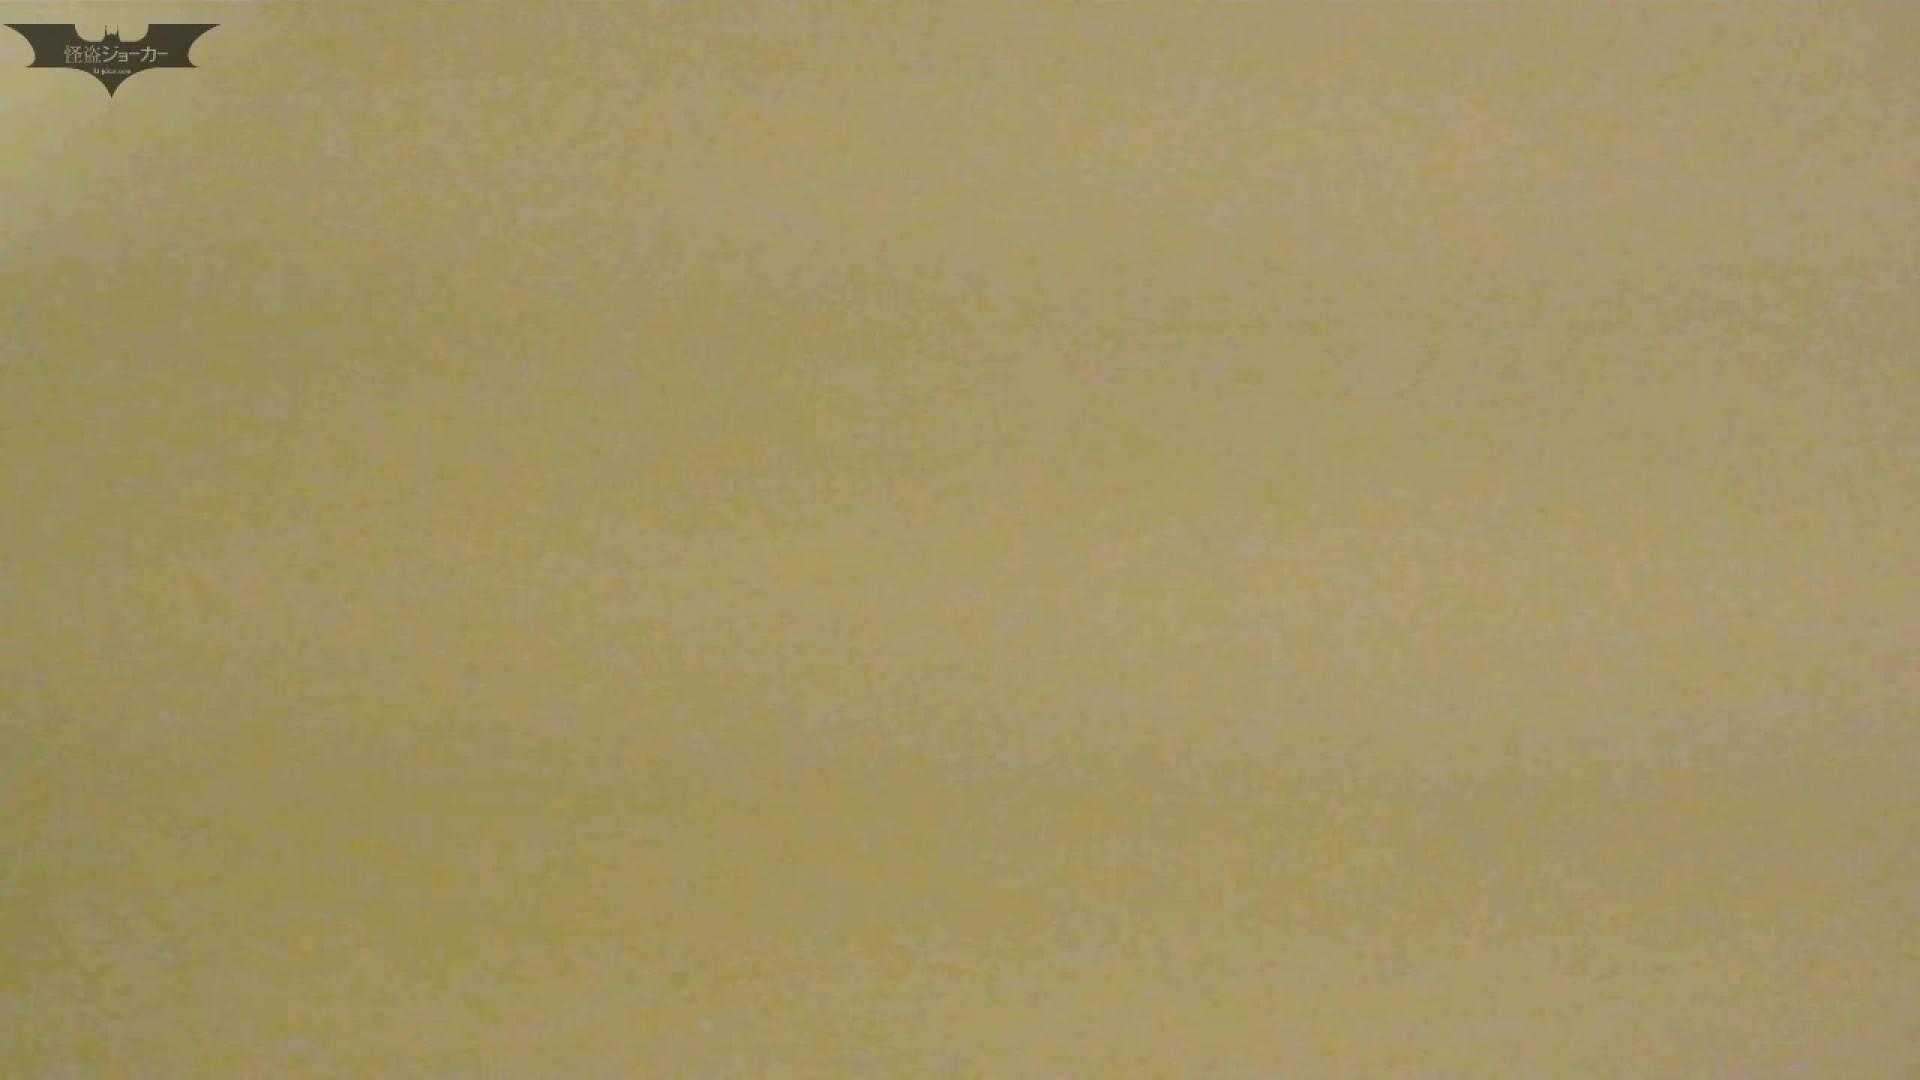 新世界の射窓 No61来ました!「ビジョビジョ」の美女達が・・・ 美女 おめこ無修正動画無料 39連発 19